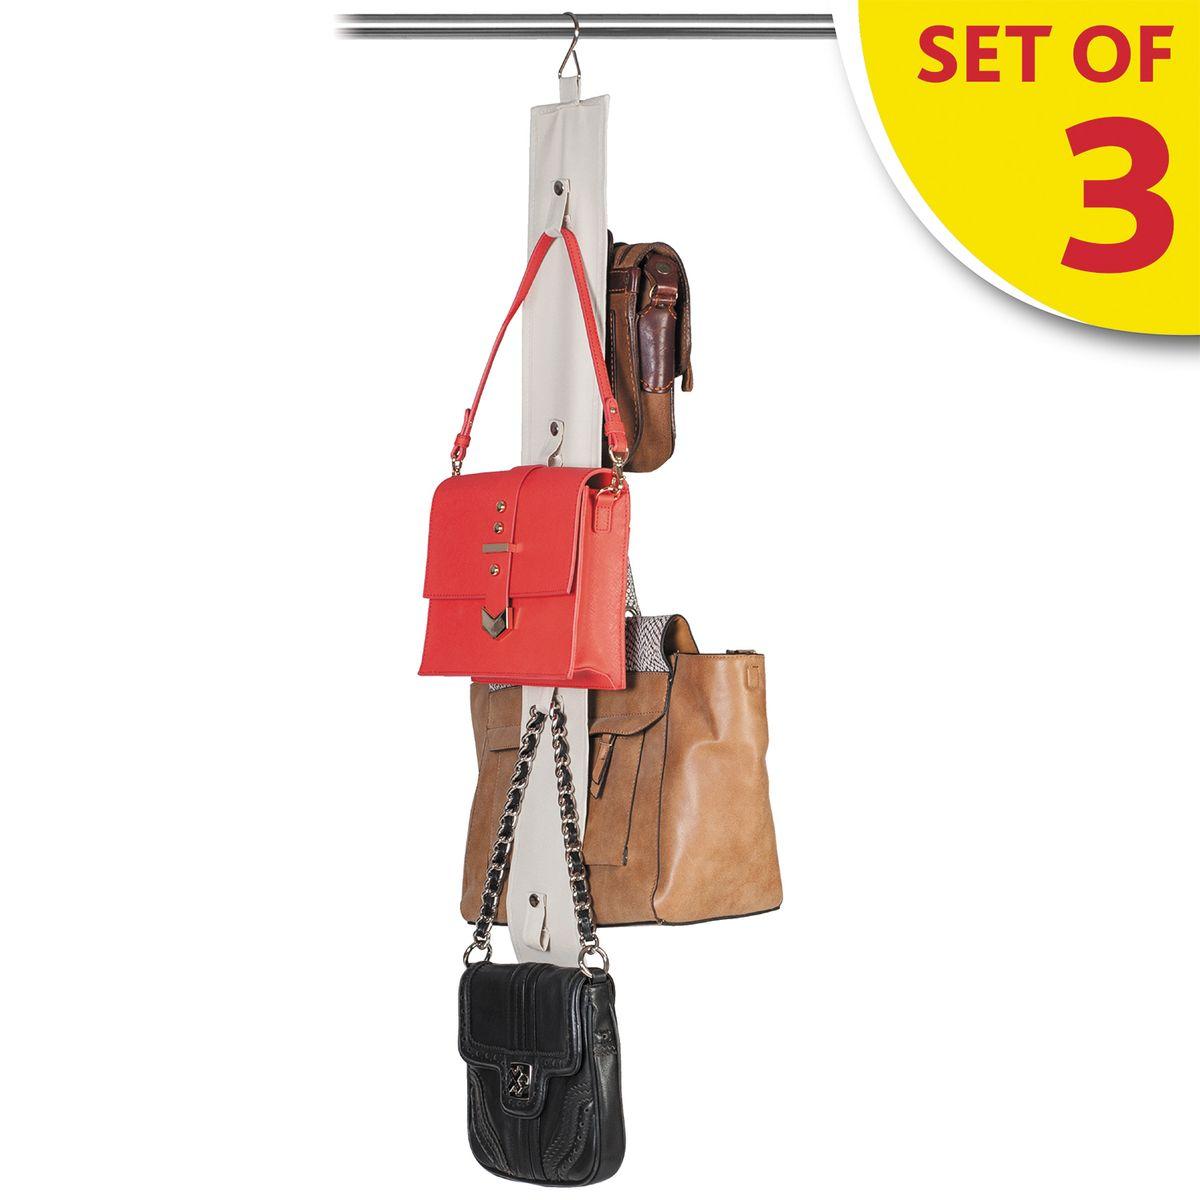 Набор органайзеров Tatkraft Roo для хранения сумок в шкафу, 3 шт16132Органайзер для хранения сумок в шкафу Tatkraft Roo - двусторонняя лента с вешалкой и 8 ремнями-петлями на кнопках для хранения сумок, кепок, бижутерии. Компактное хранение, экономит место.